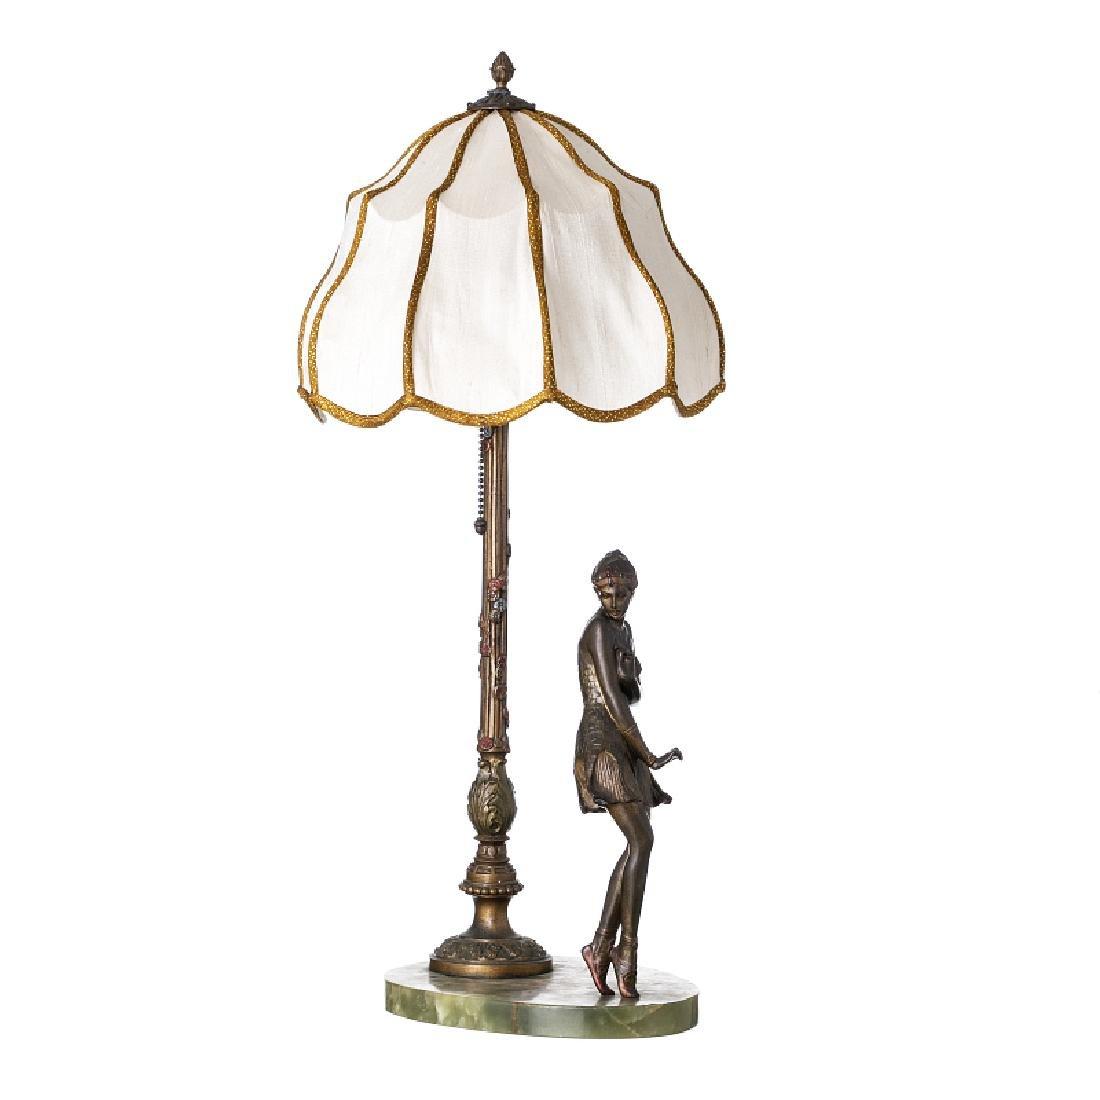 BRUNO ZACH (1891-1935) - Figurative Art Deco lamp